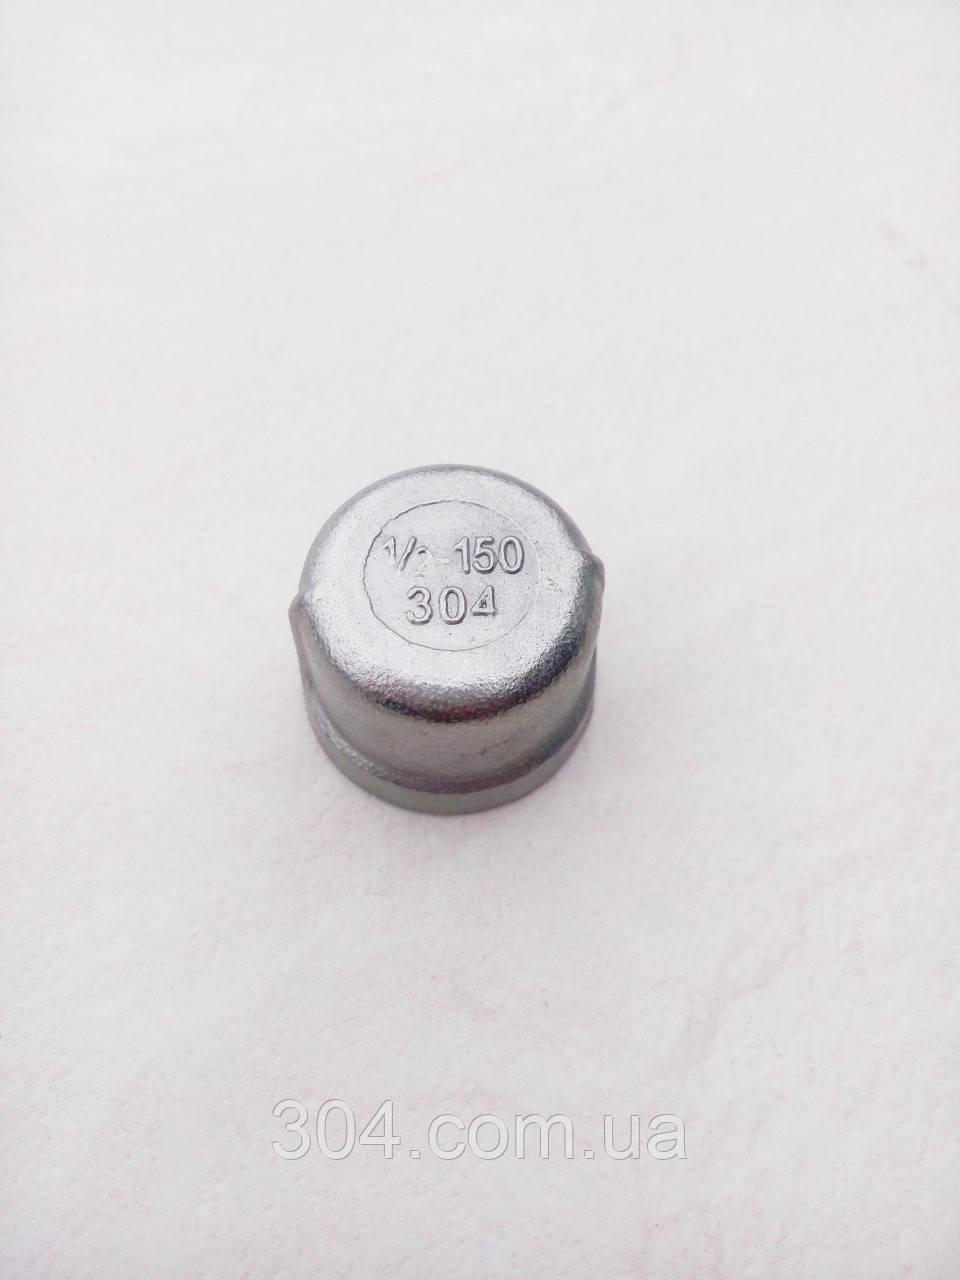 Заглушка нержавеющая Ду 20(3/4 дюйма), AISI 304